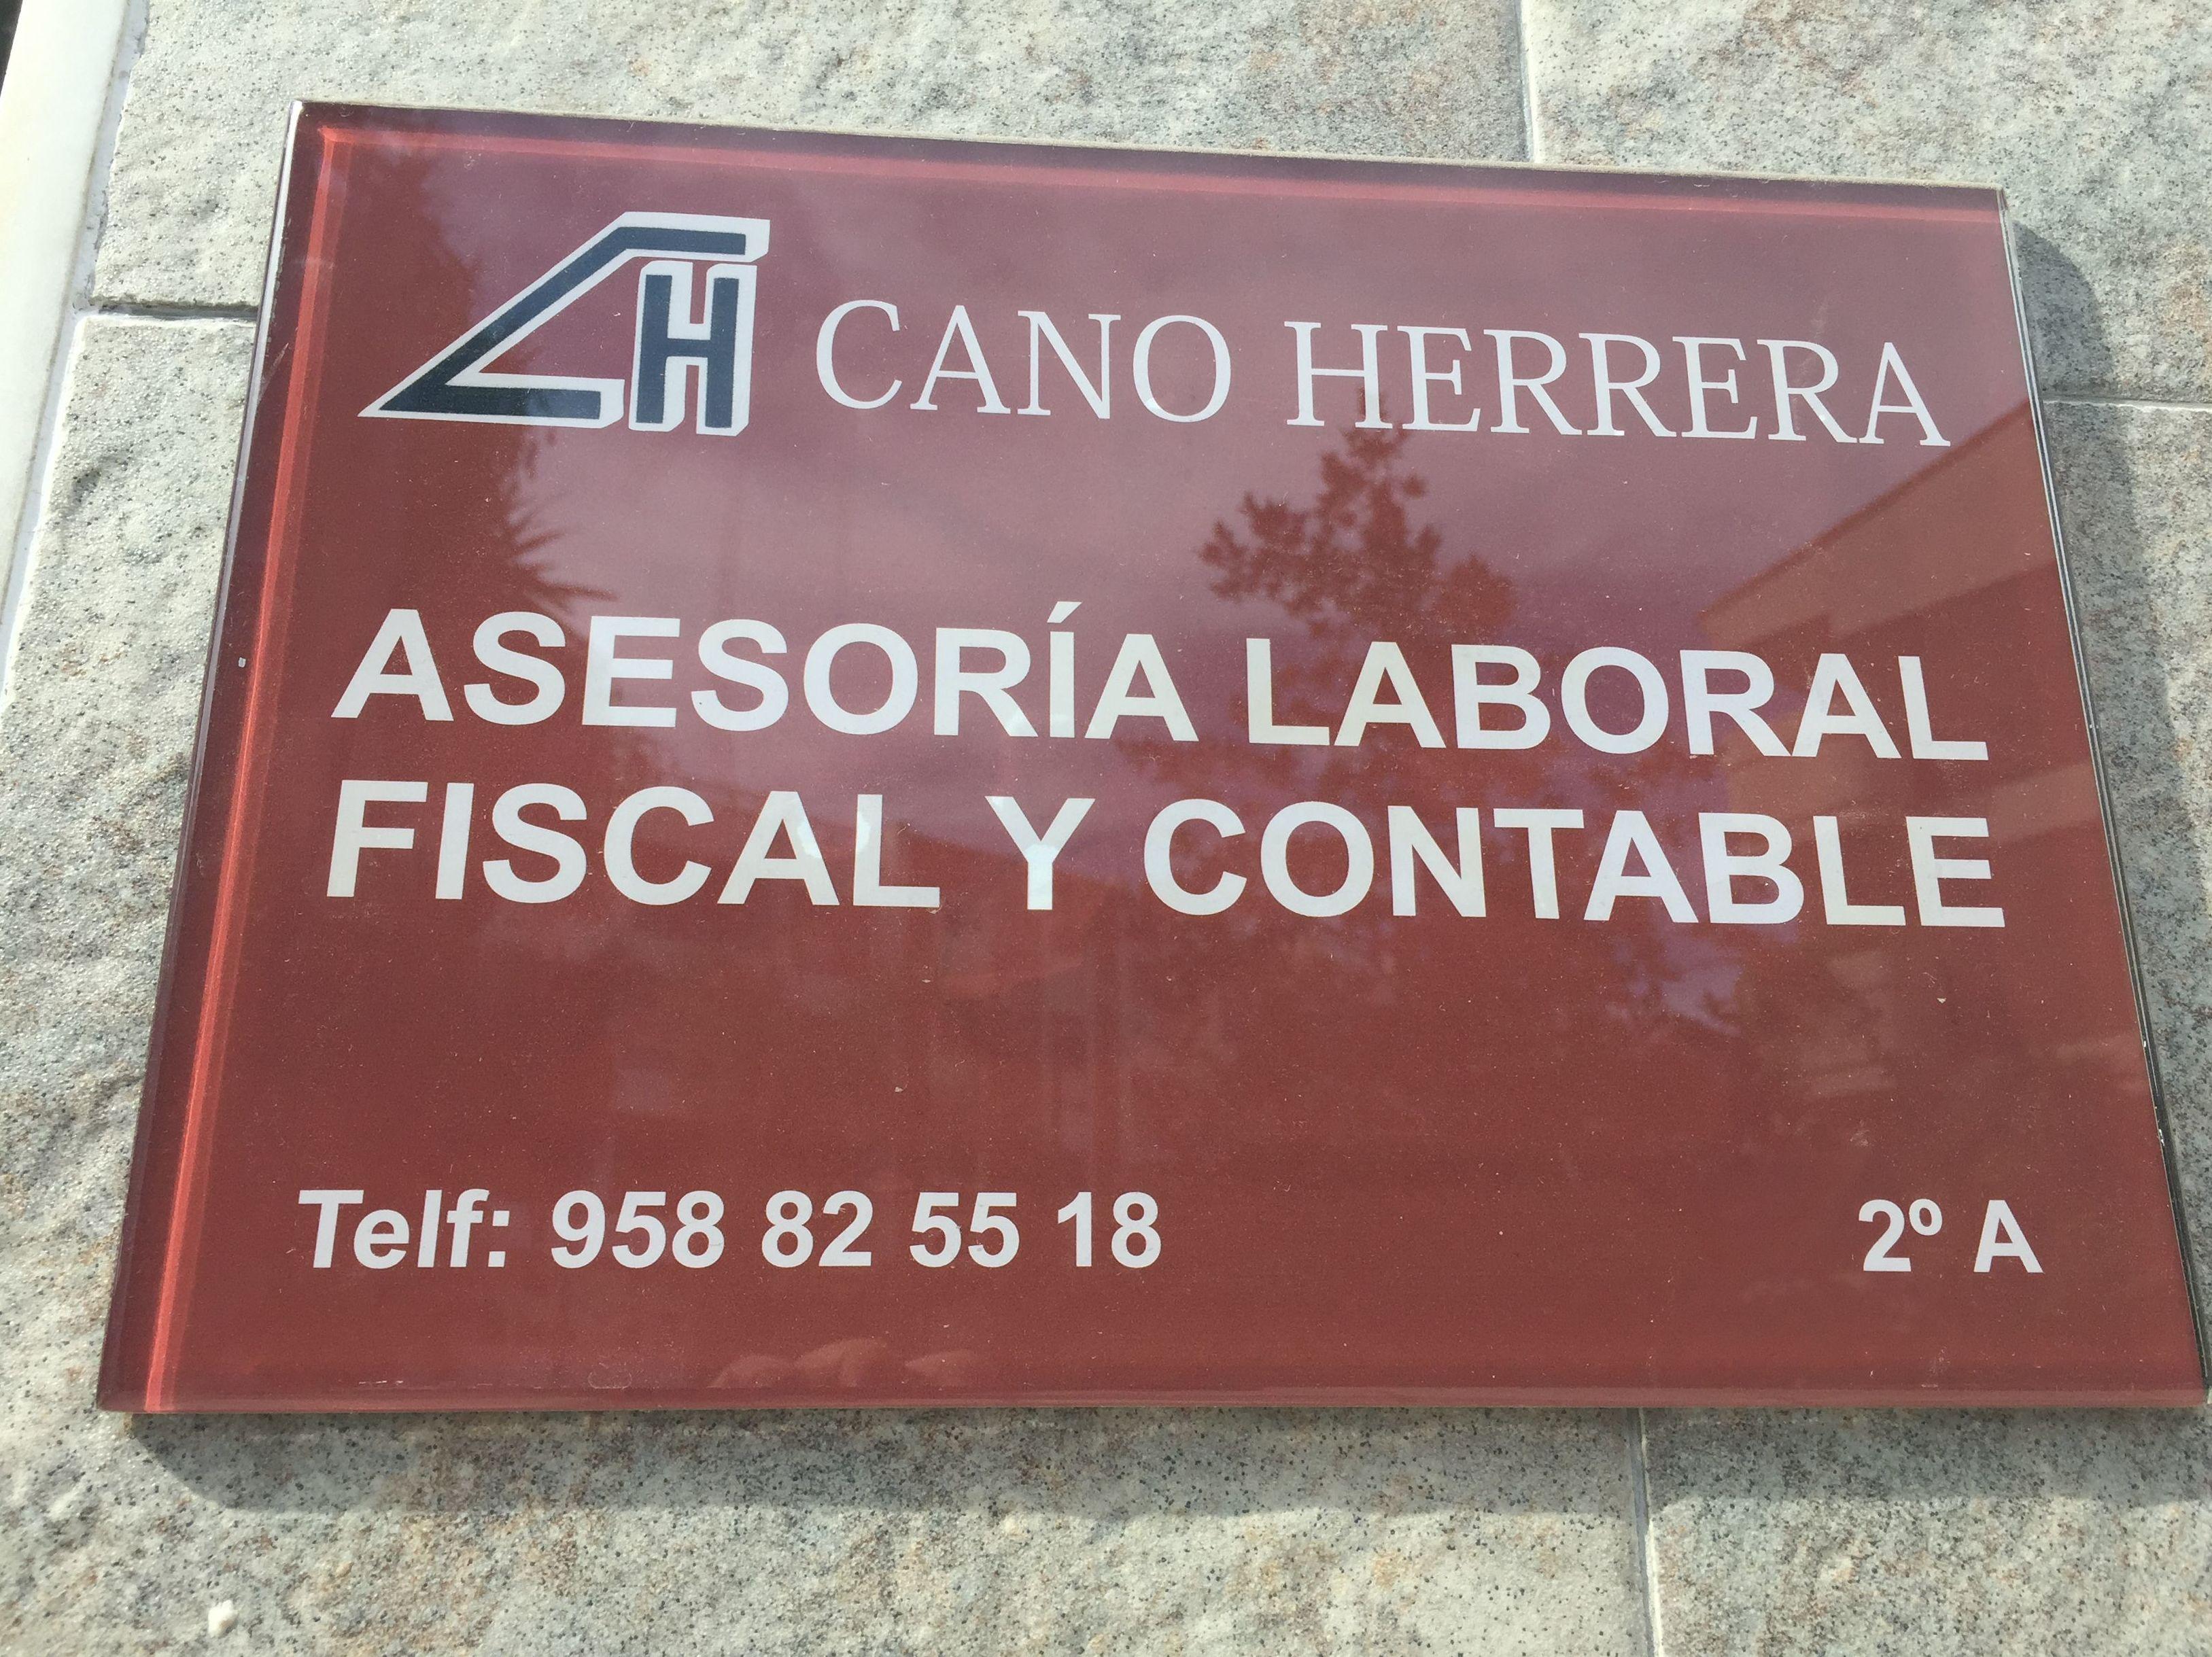 Asesoría laboral fiscal y contable